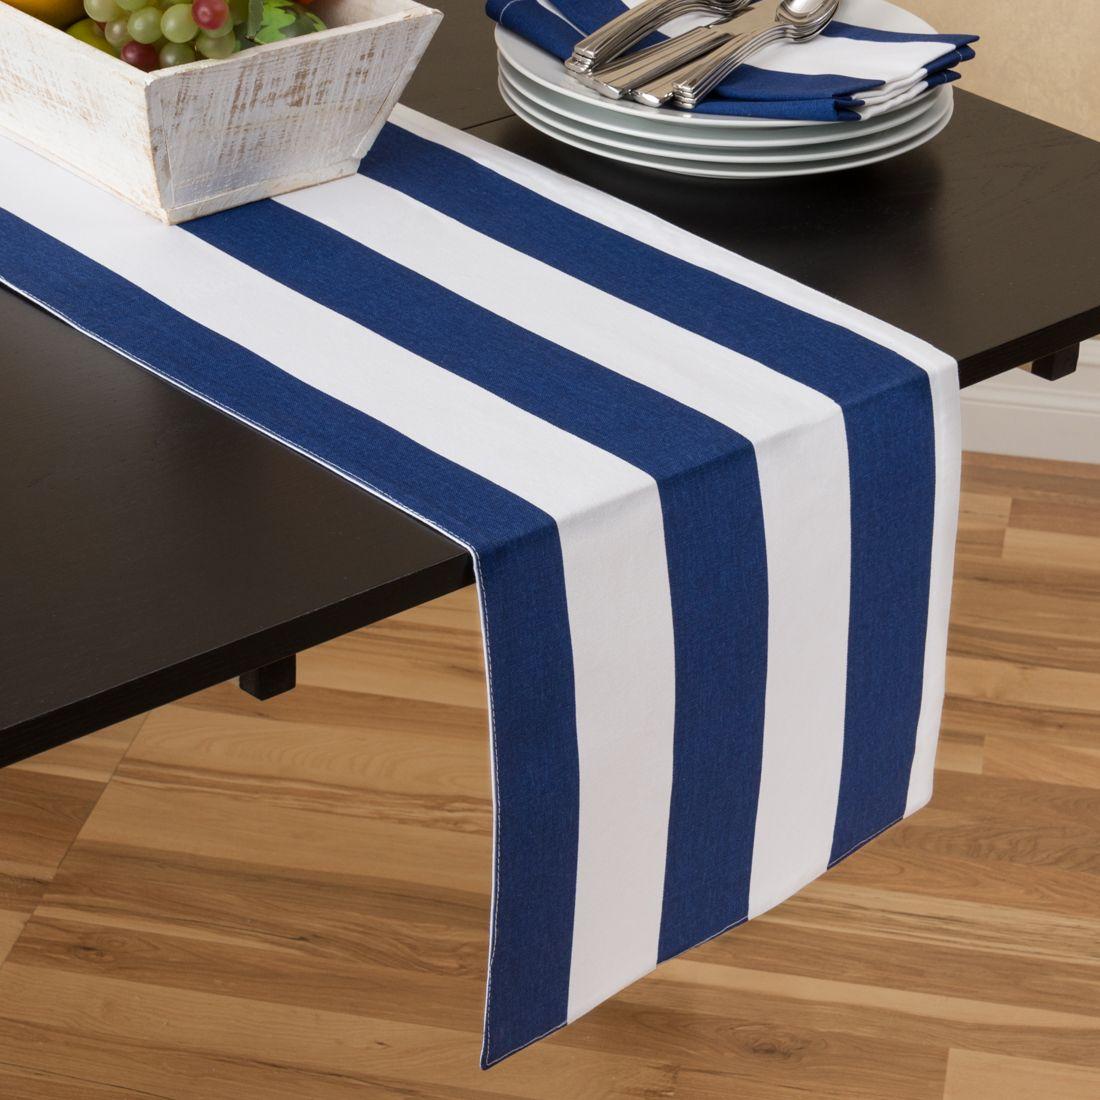 Superb Navy Blue U0026 White Stripes Table Runner